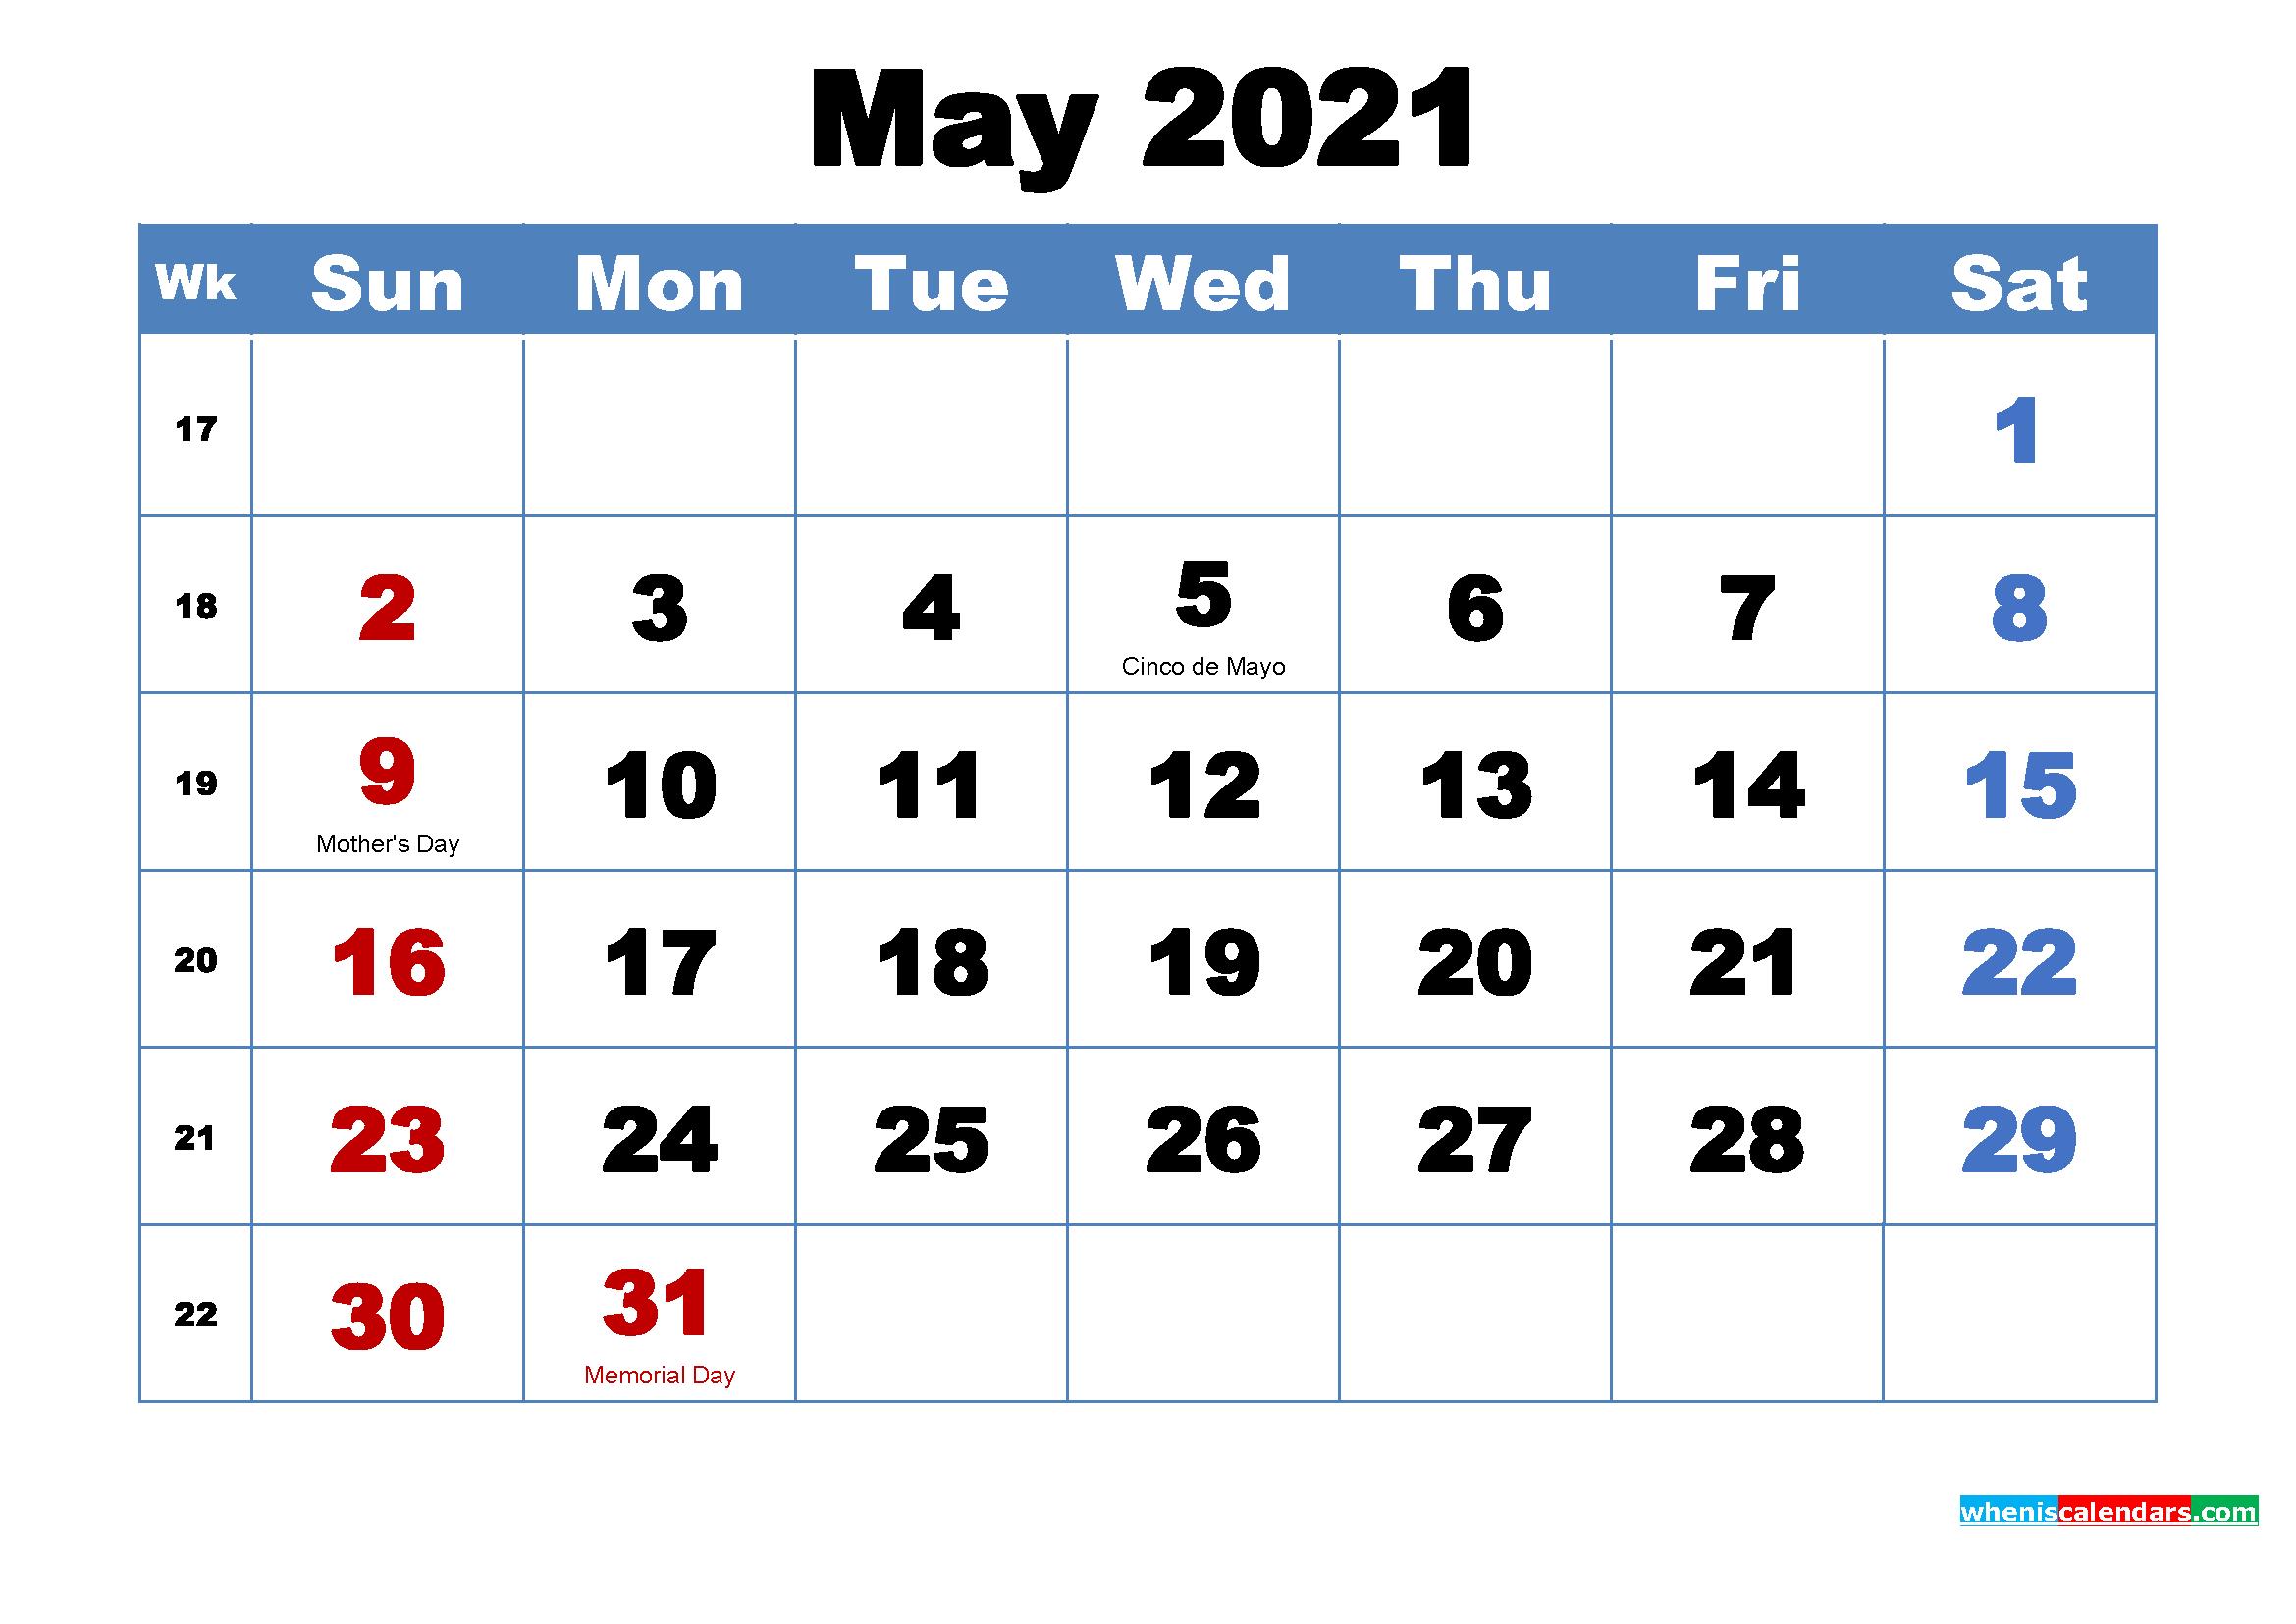 May 2021 Calendar Wallpaper Free Download